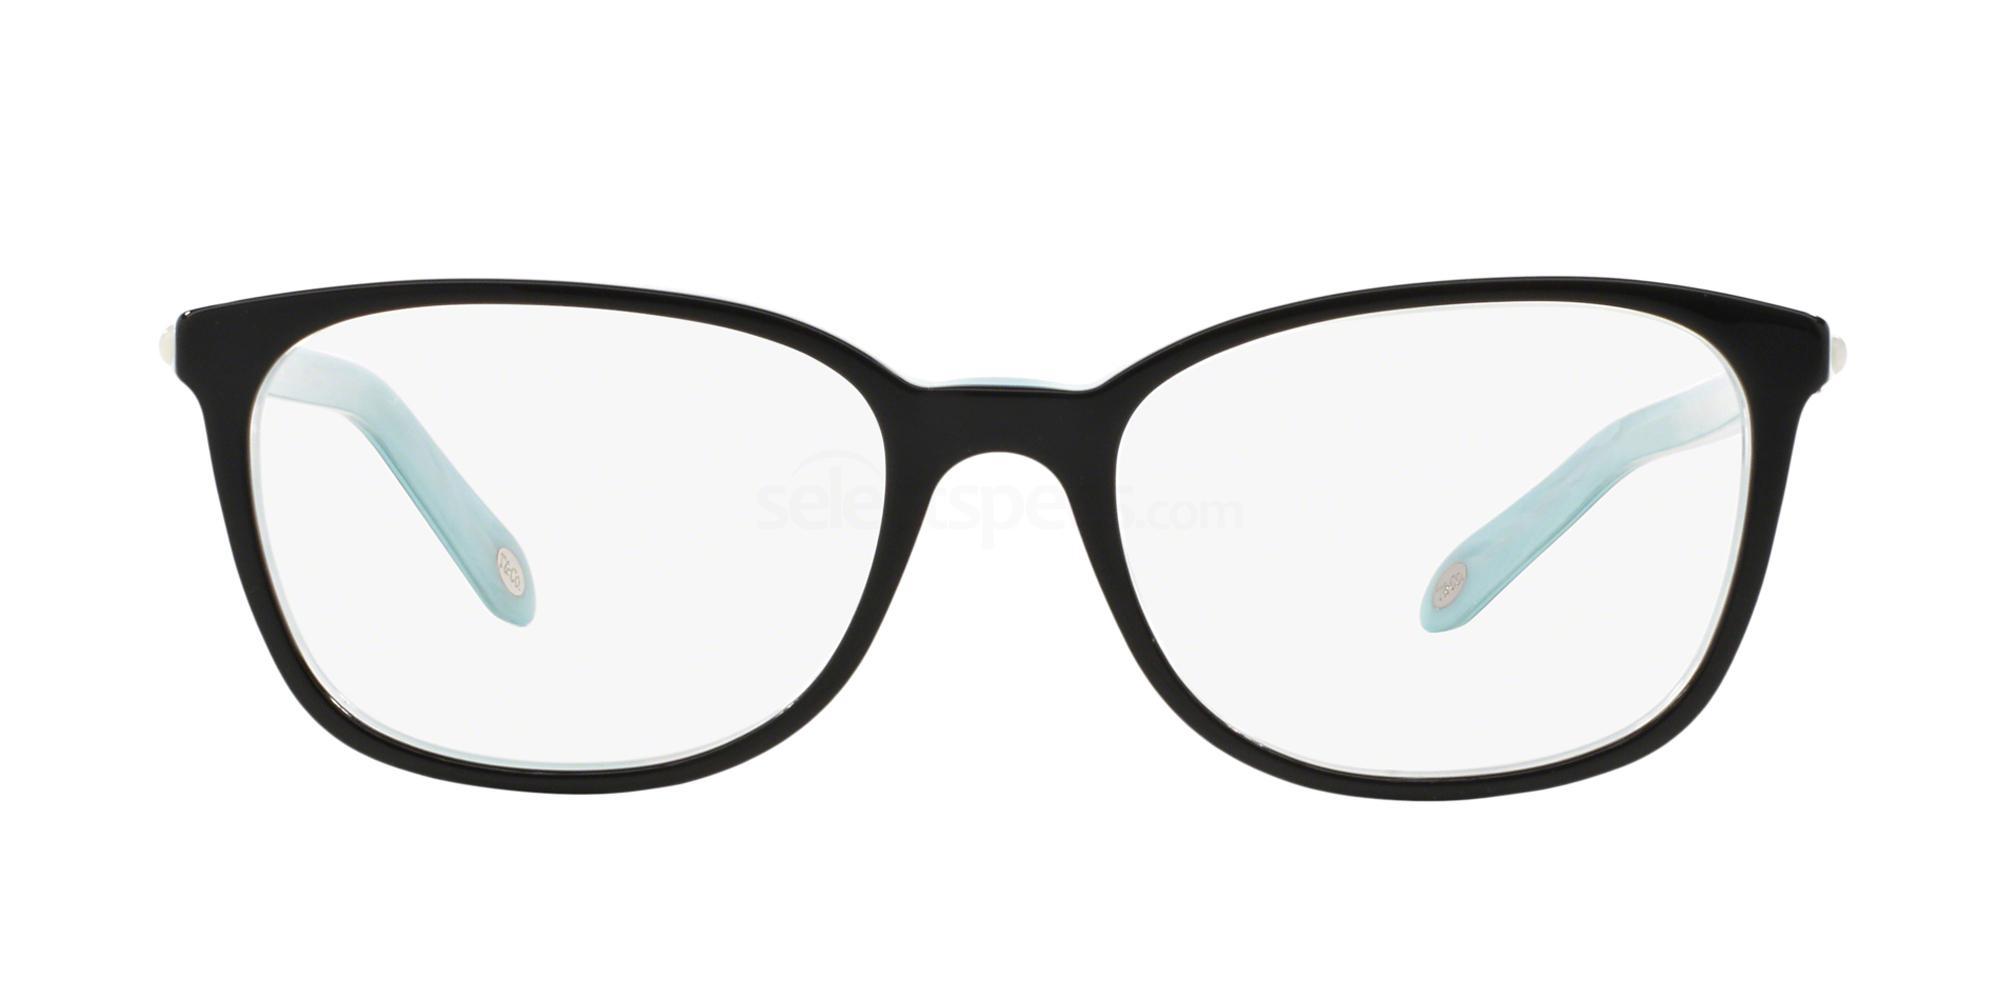 8193 TF2109HB Glasses, Tiffany & Co.